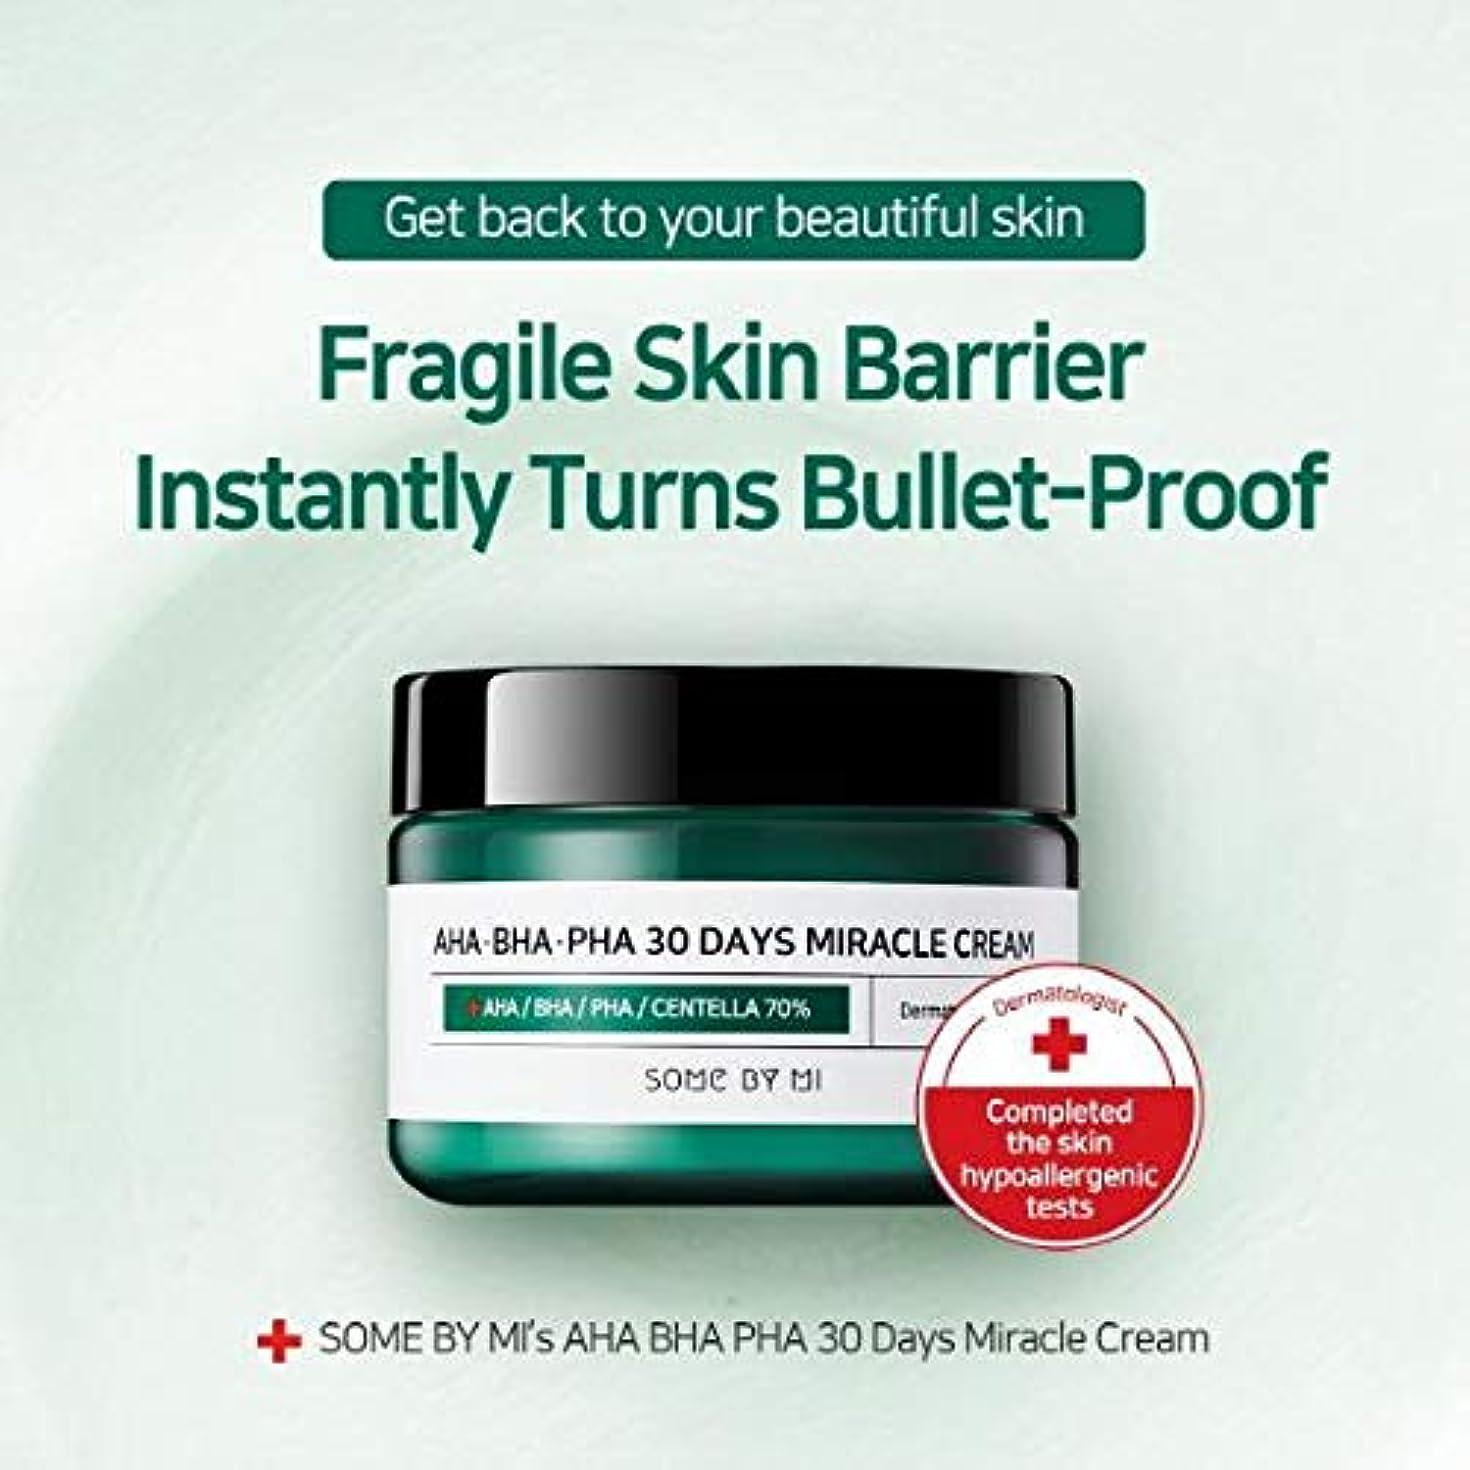 無駄腹部ミニチュアSomebymi AHA BHA PHA Miracle Cream 50ml (1.7oz) Skin Barrier & Recovery, Soothing with Tea Tree 10,000ppm for Wrinkle & Whitening/Korea Cosmetics [並行輸入品]